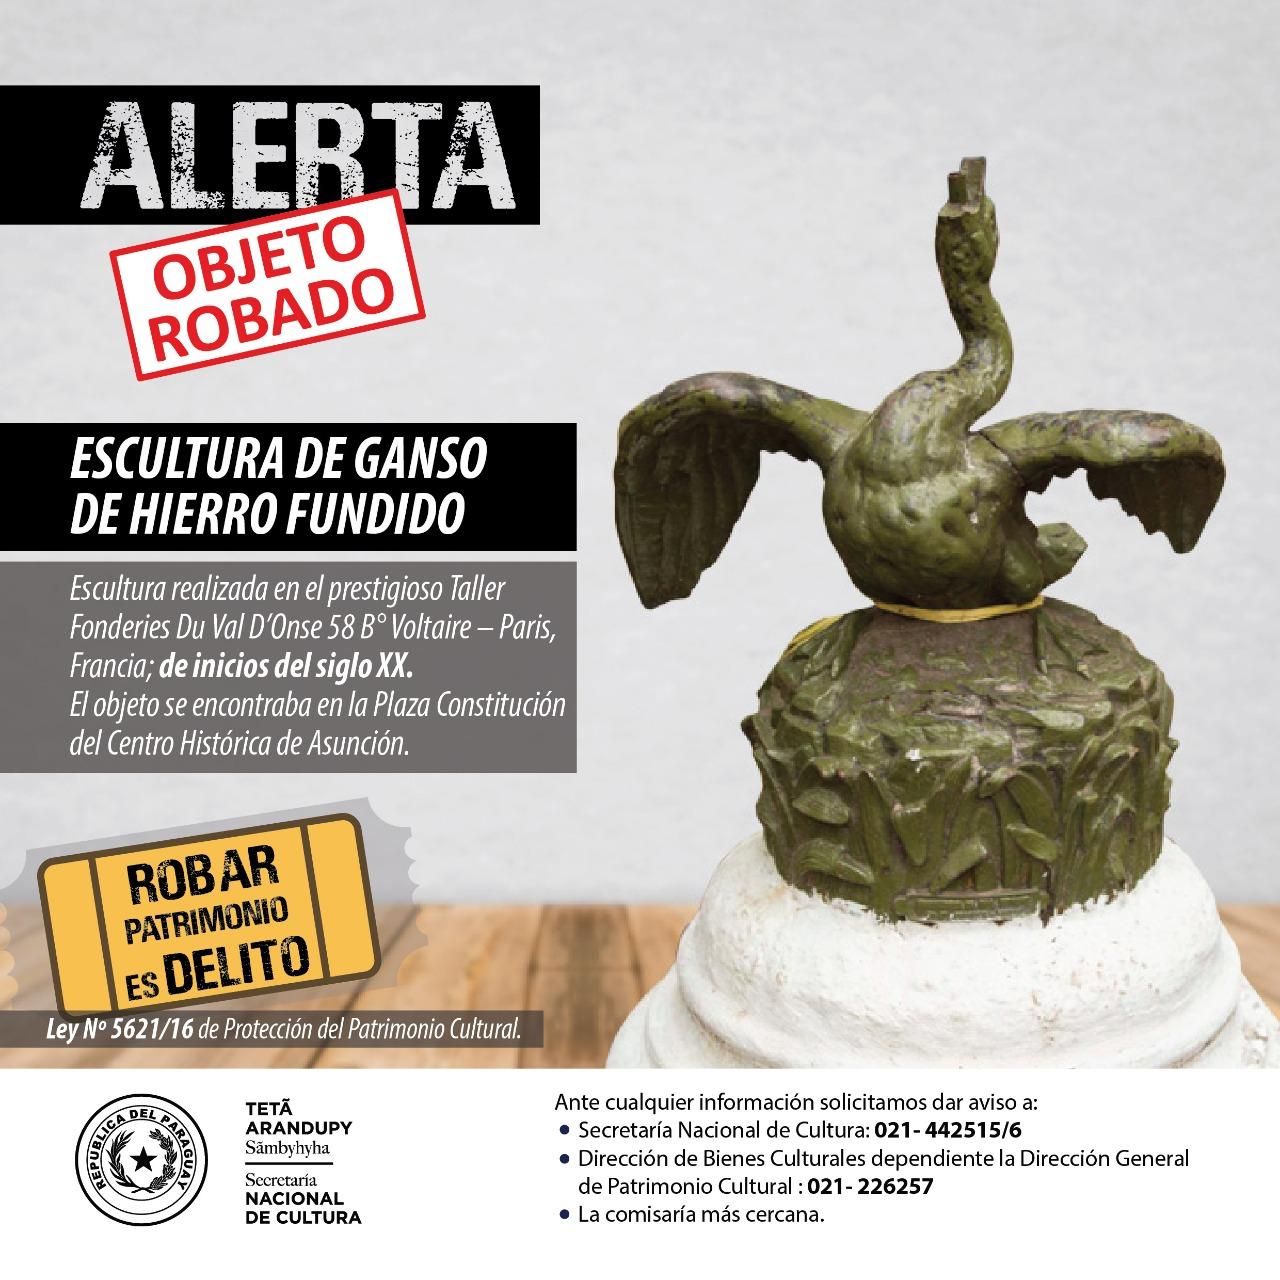 Alerta: roban pieza escultórica de la Plaza Constitución del Centro Histórico de Asunción imagen